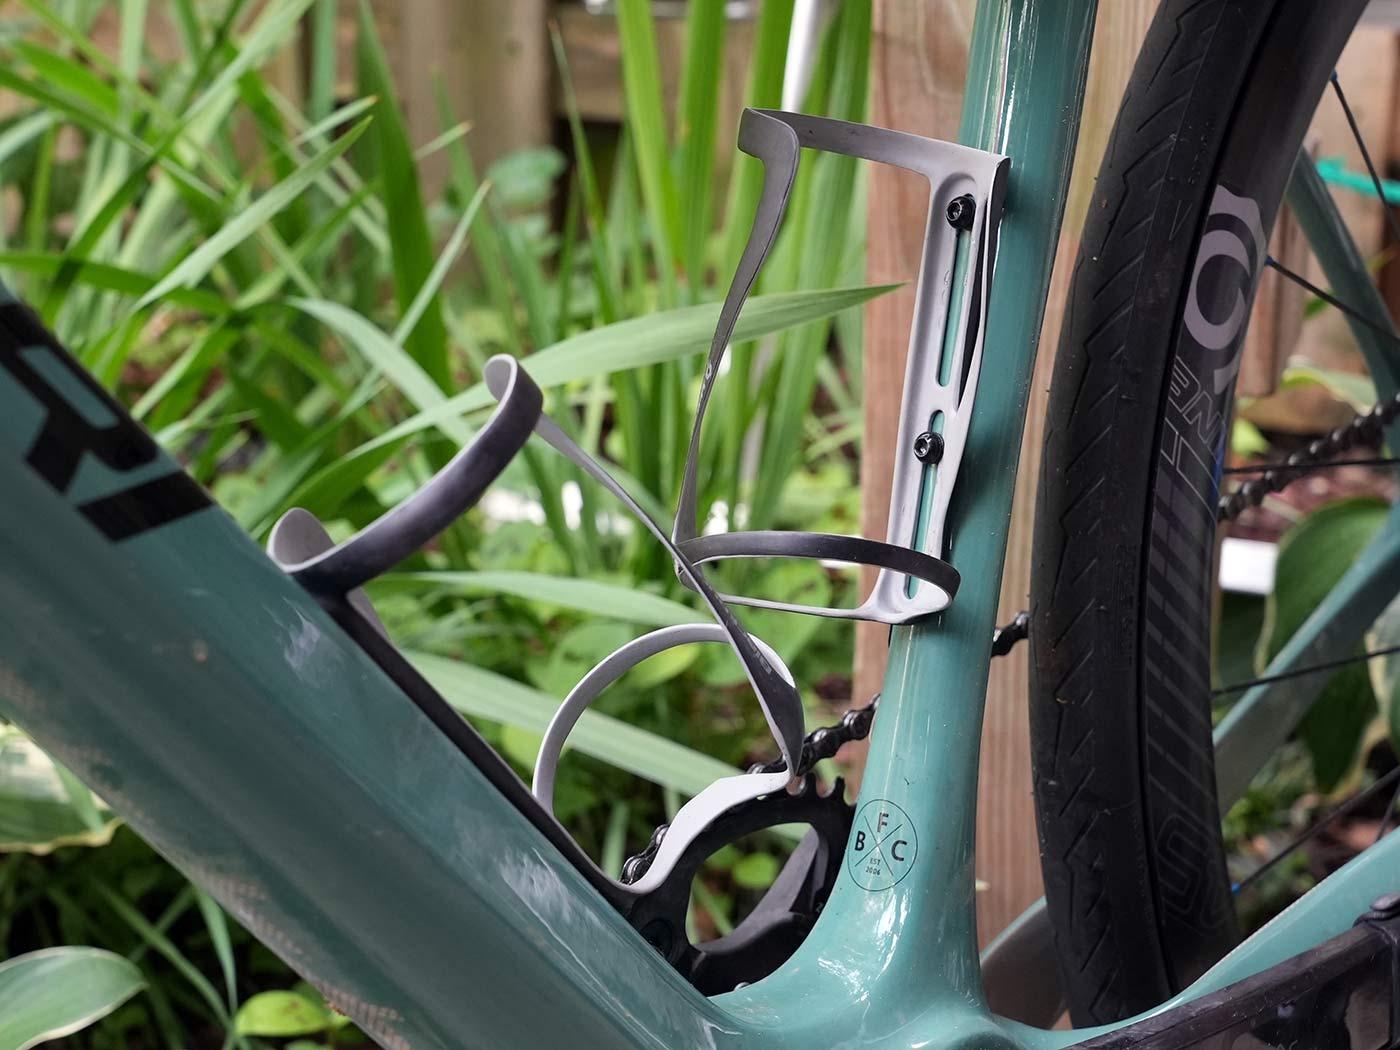 blackburn carbon fiber water bottle cages with huge adjustment range shown mounted on a bike